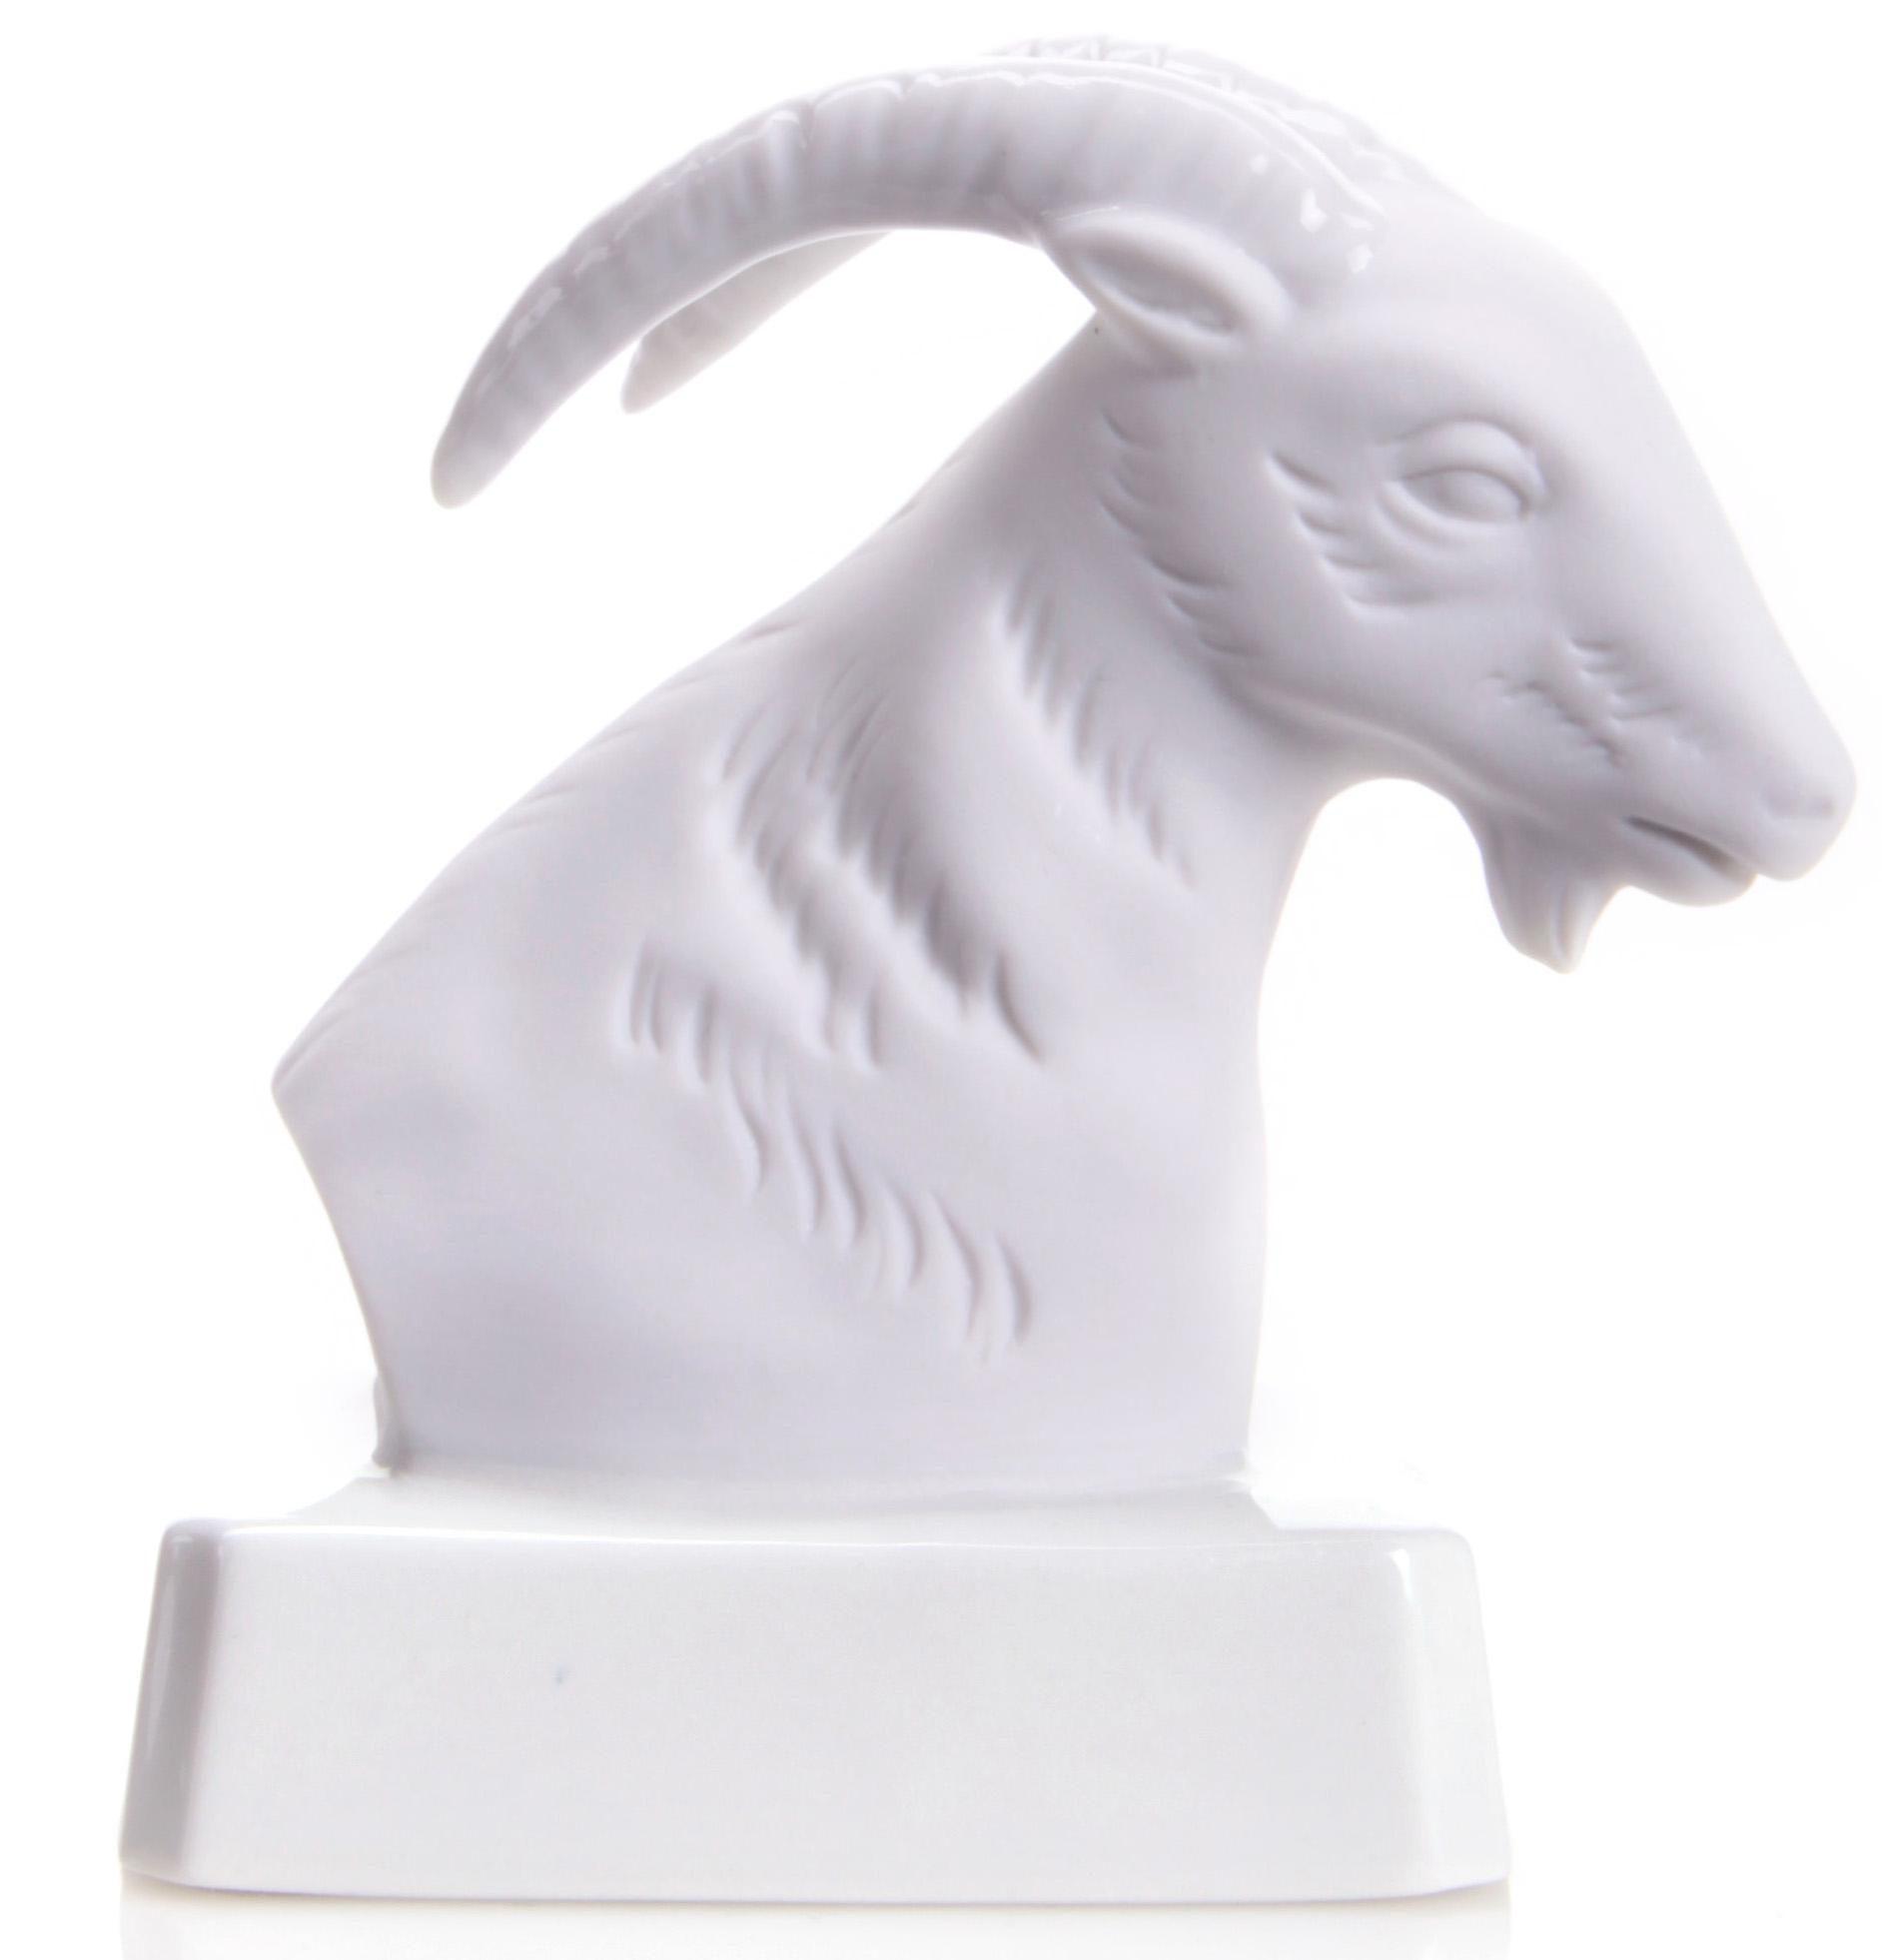 W&A Figur Sternzeichen »Steinbock« aus Porzellan